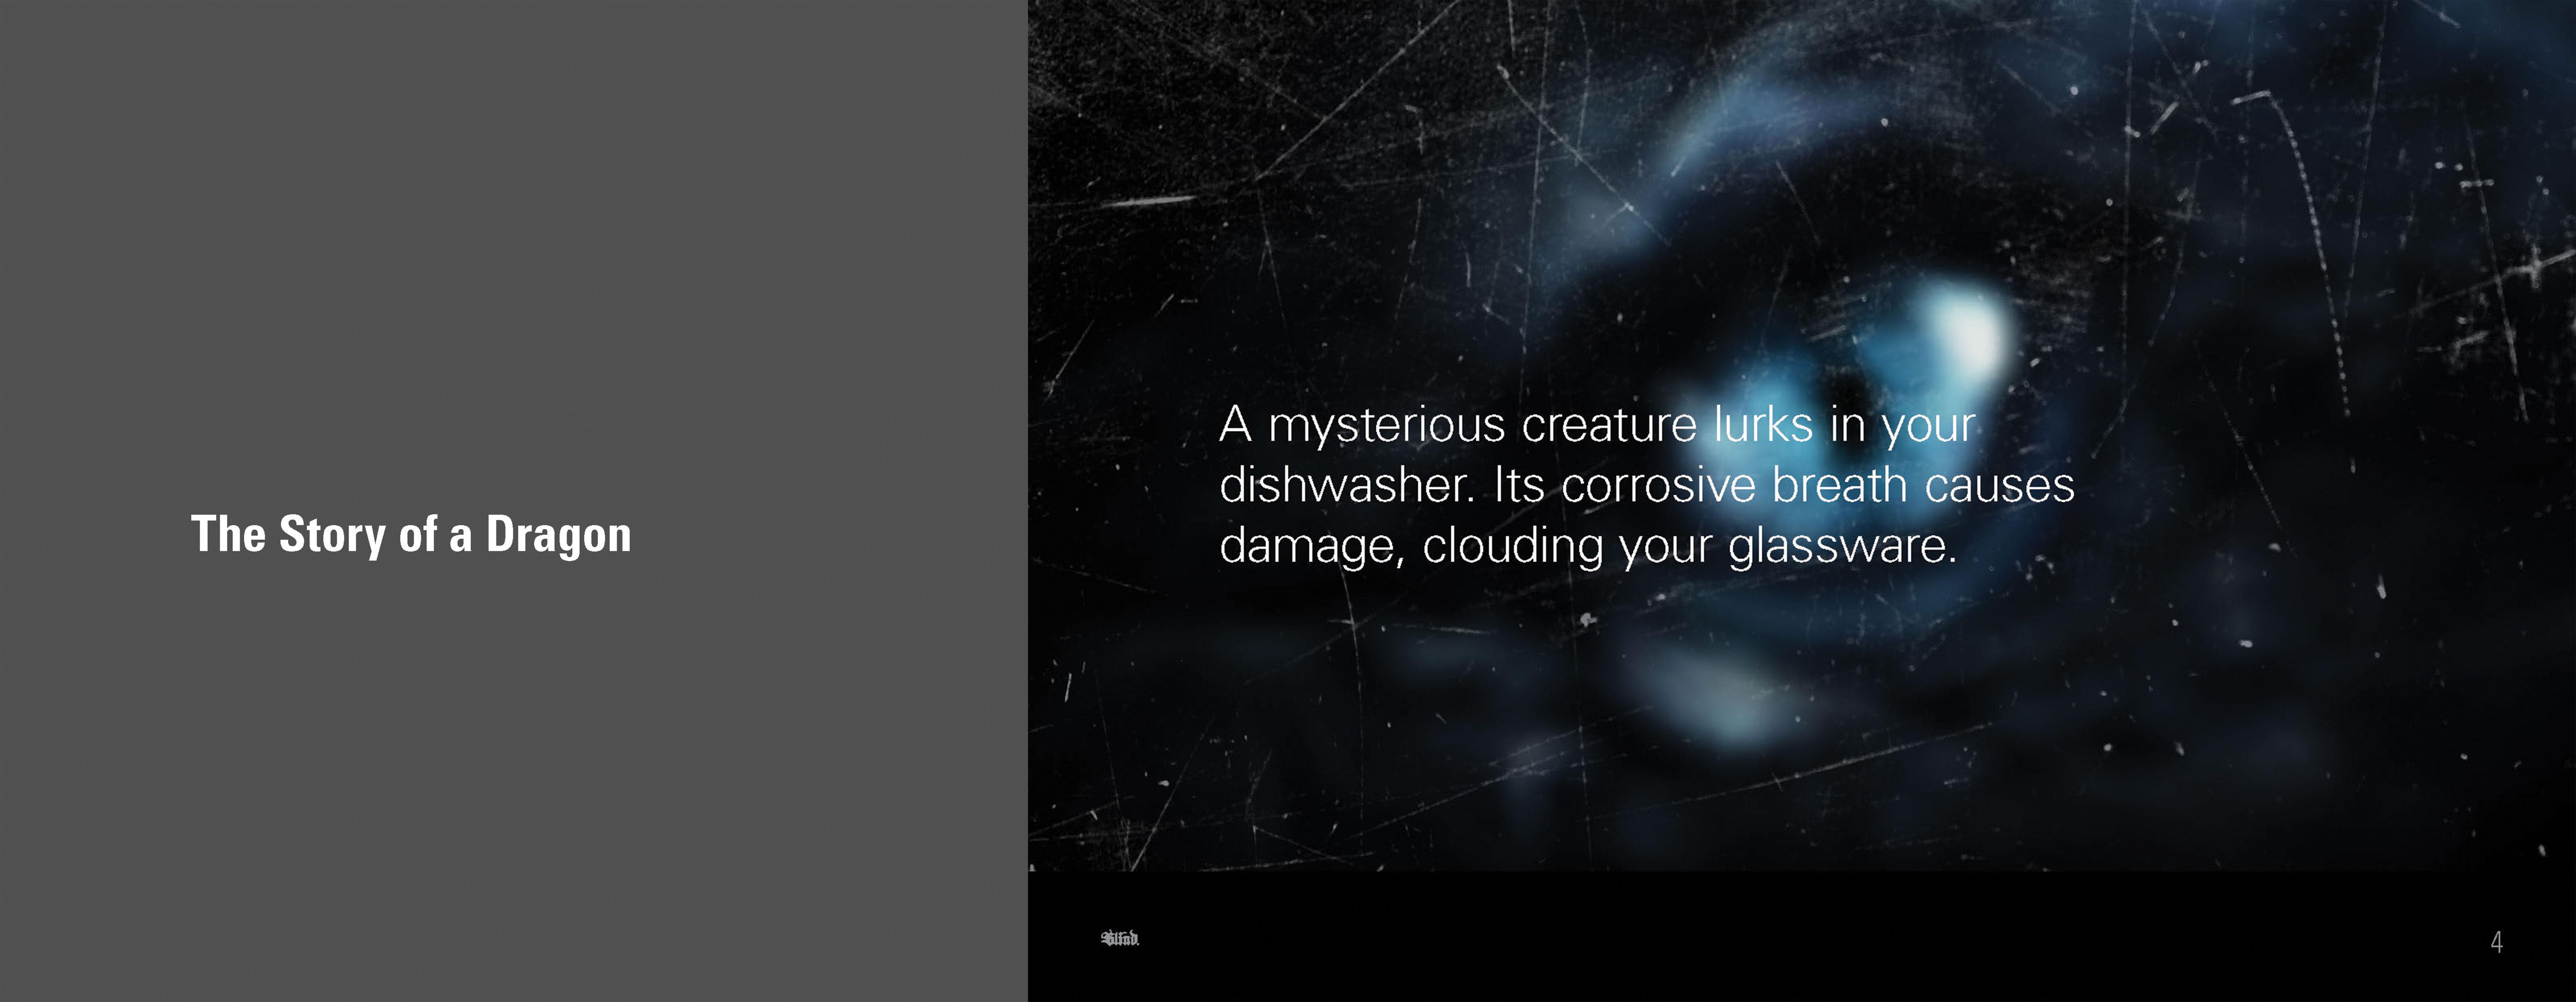 一个例子导演的治疗,用视觉显示故事。